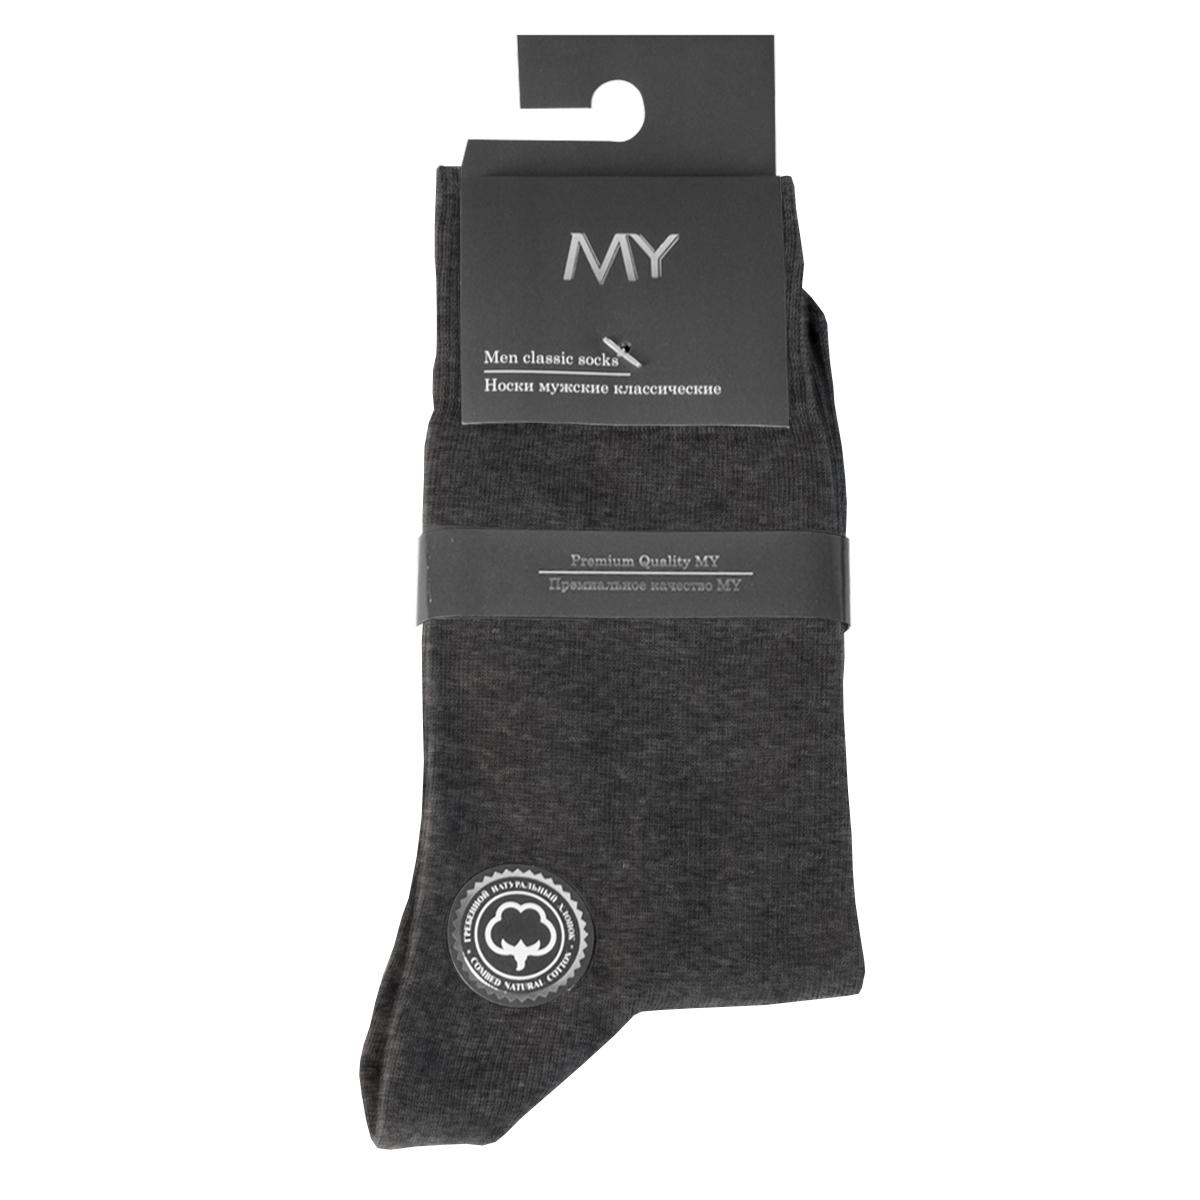 Носки мужские Mirey, цвет: темно-серый. MSC 003. Размер (38/40)MSC 003Классические мужские носки от Mirey выполнены из хлопка с эластаном.Мысок и пятка не усиленные, двойная резинка, плоский шов.